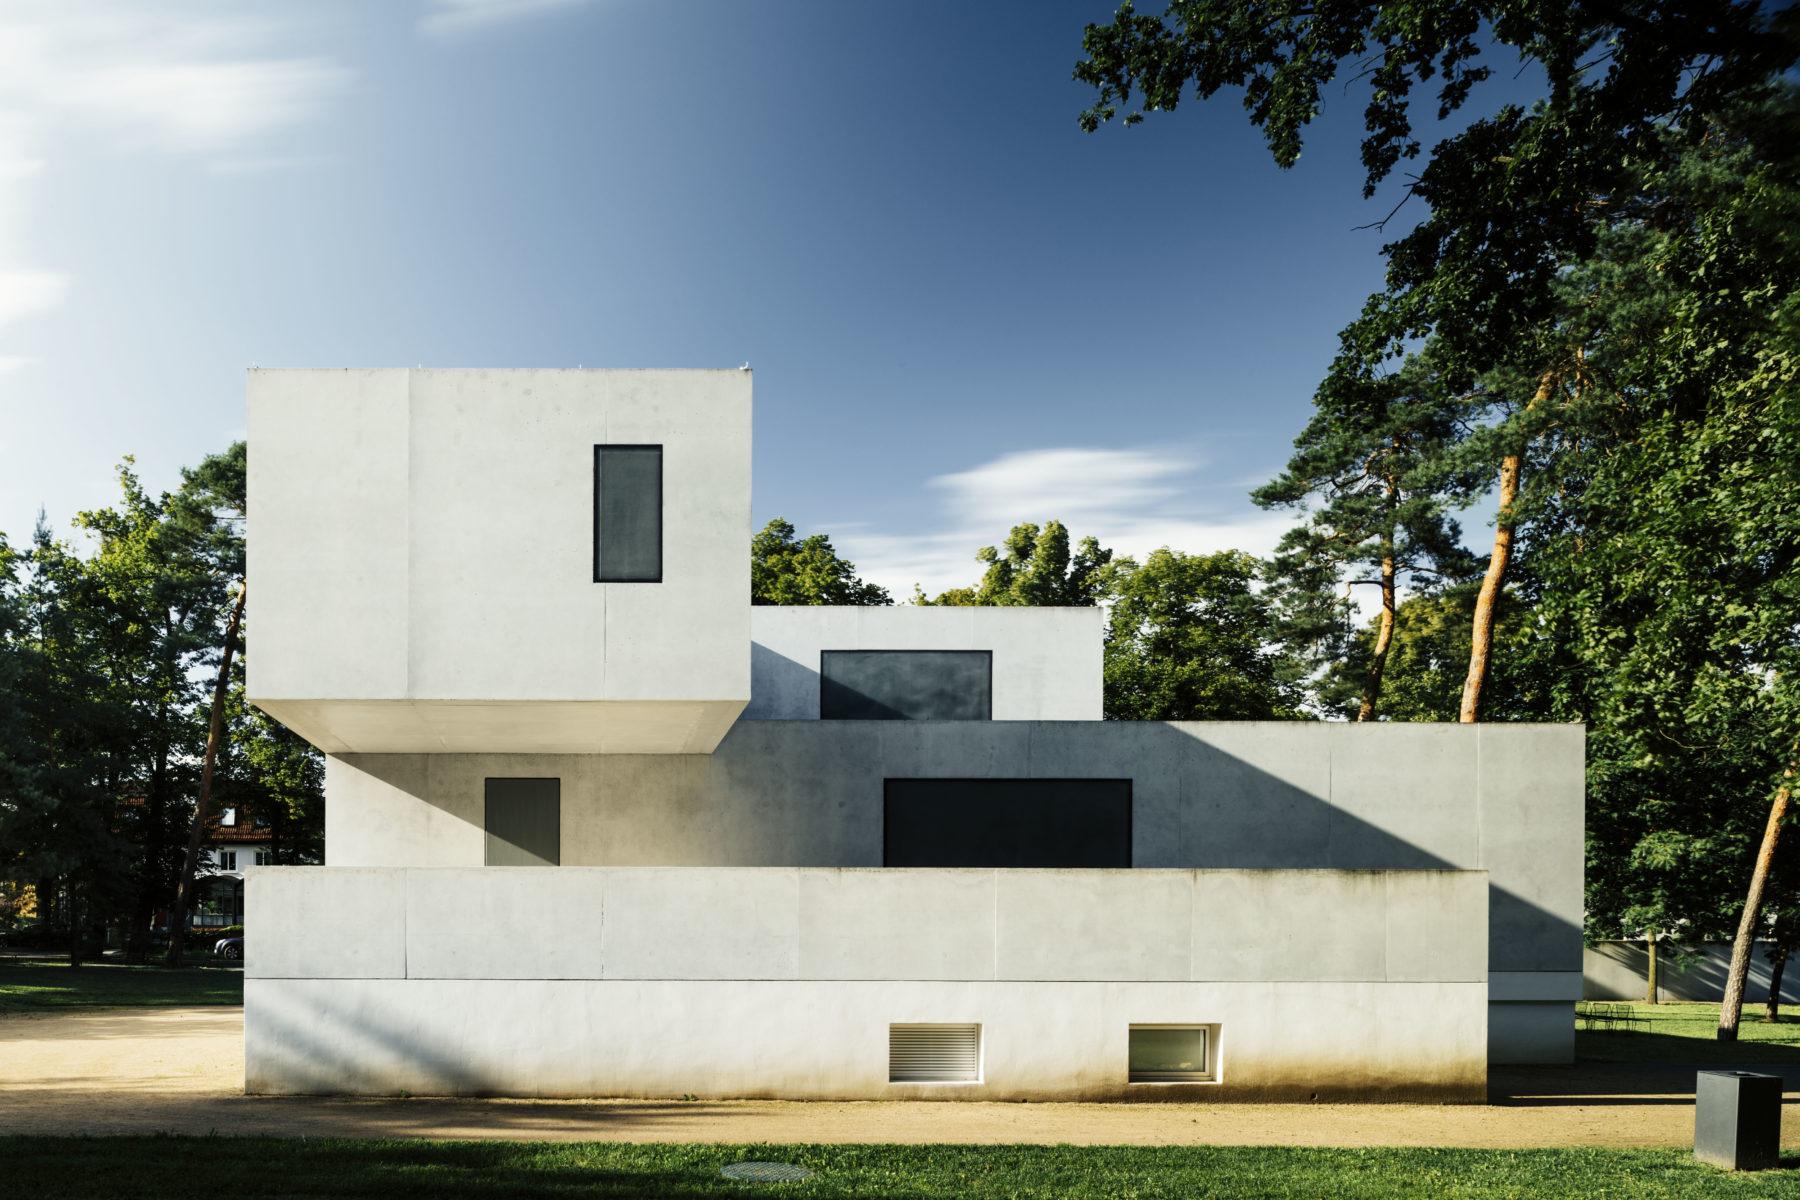 Neue Meisterhäuser / The Masters' Houses Dessau (Haus Gropius) Dessau, Architekten / architects: Bruno Fioretti Marquez Architekten (2010–2014) Photo: © Tillmann Franzen, tillmannfranzen.com © VG Bild-Kunst, Bonn 2018